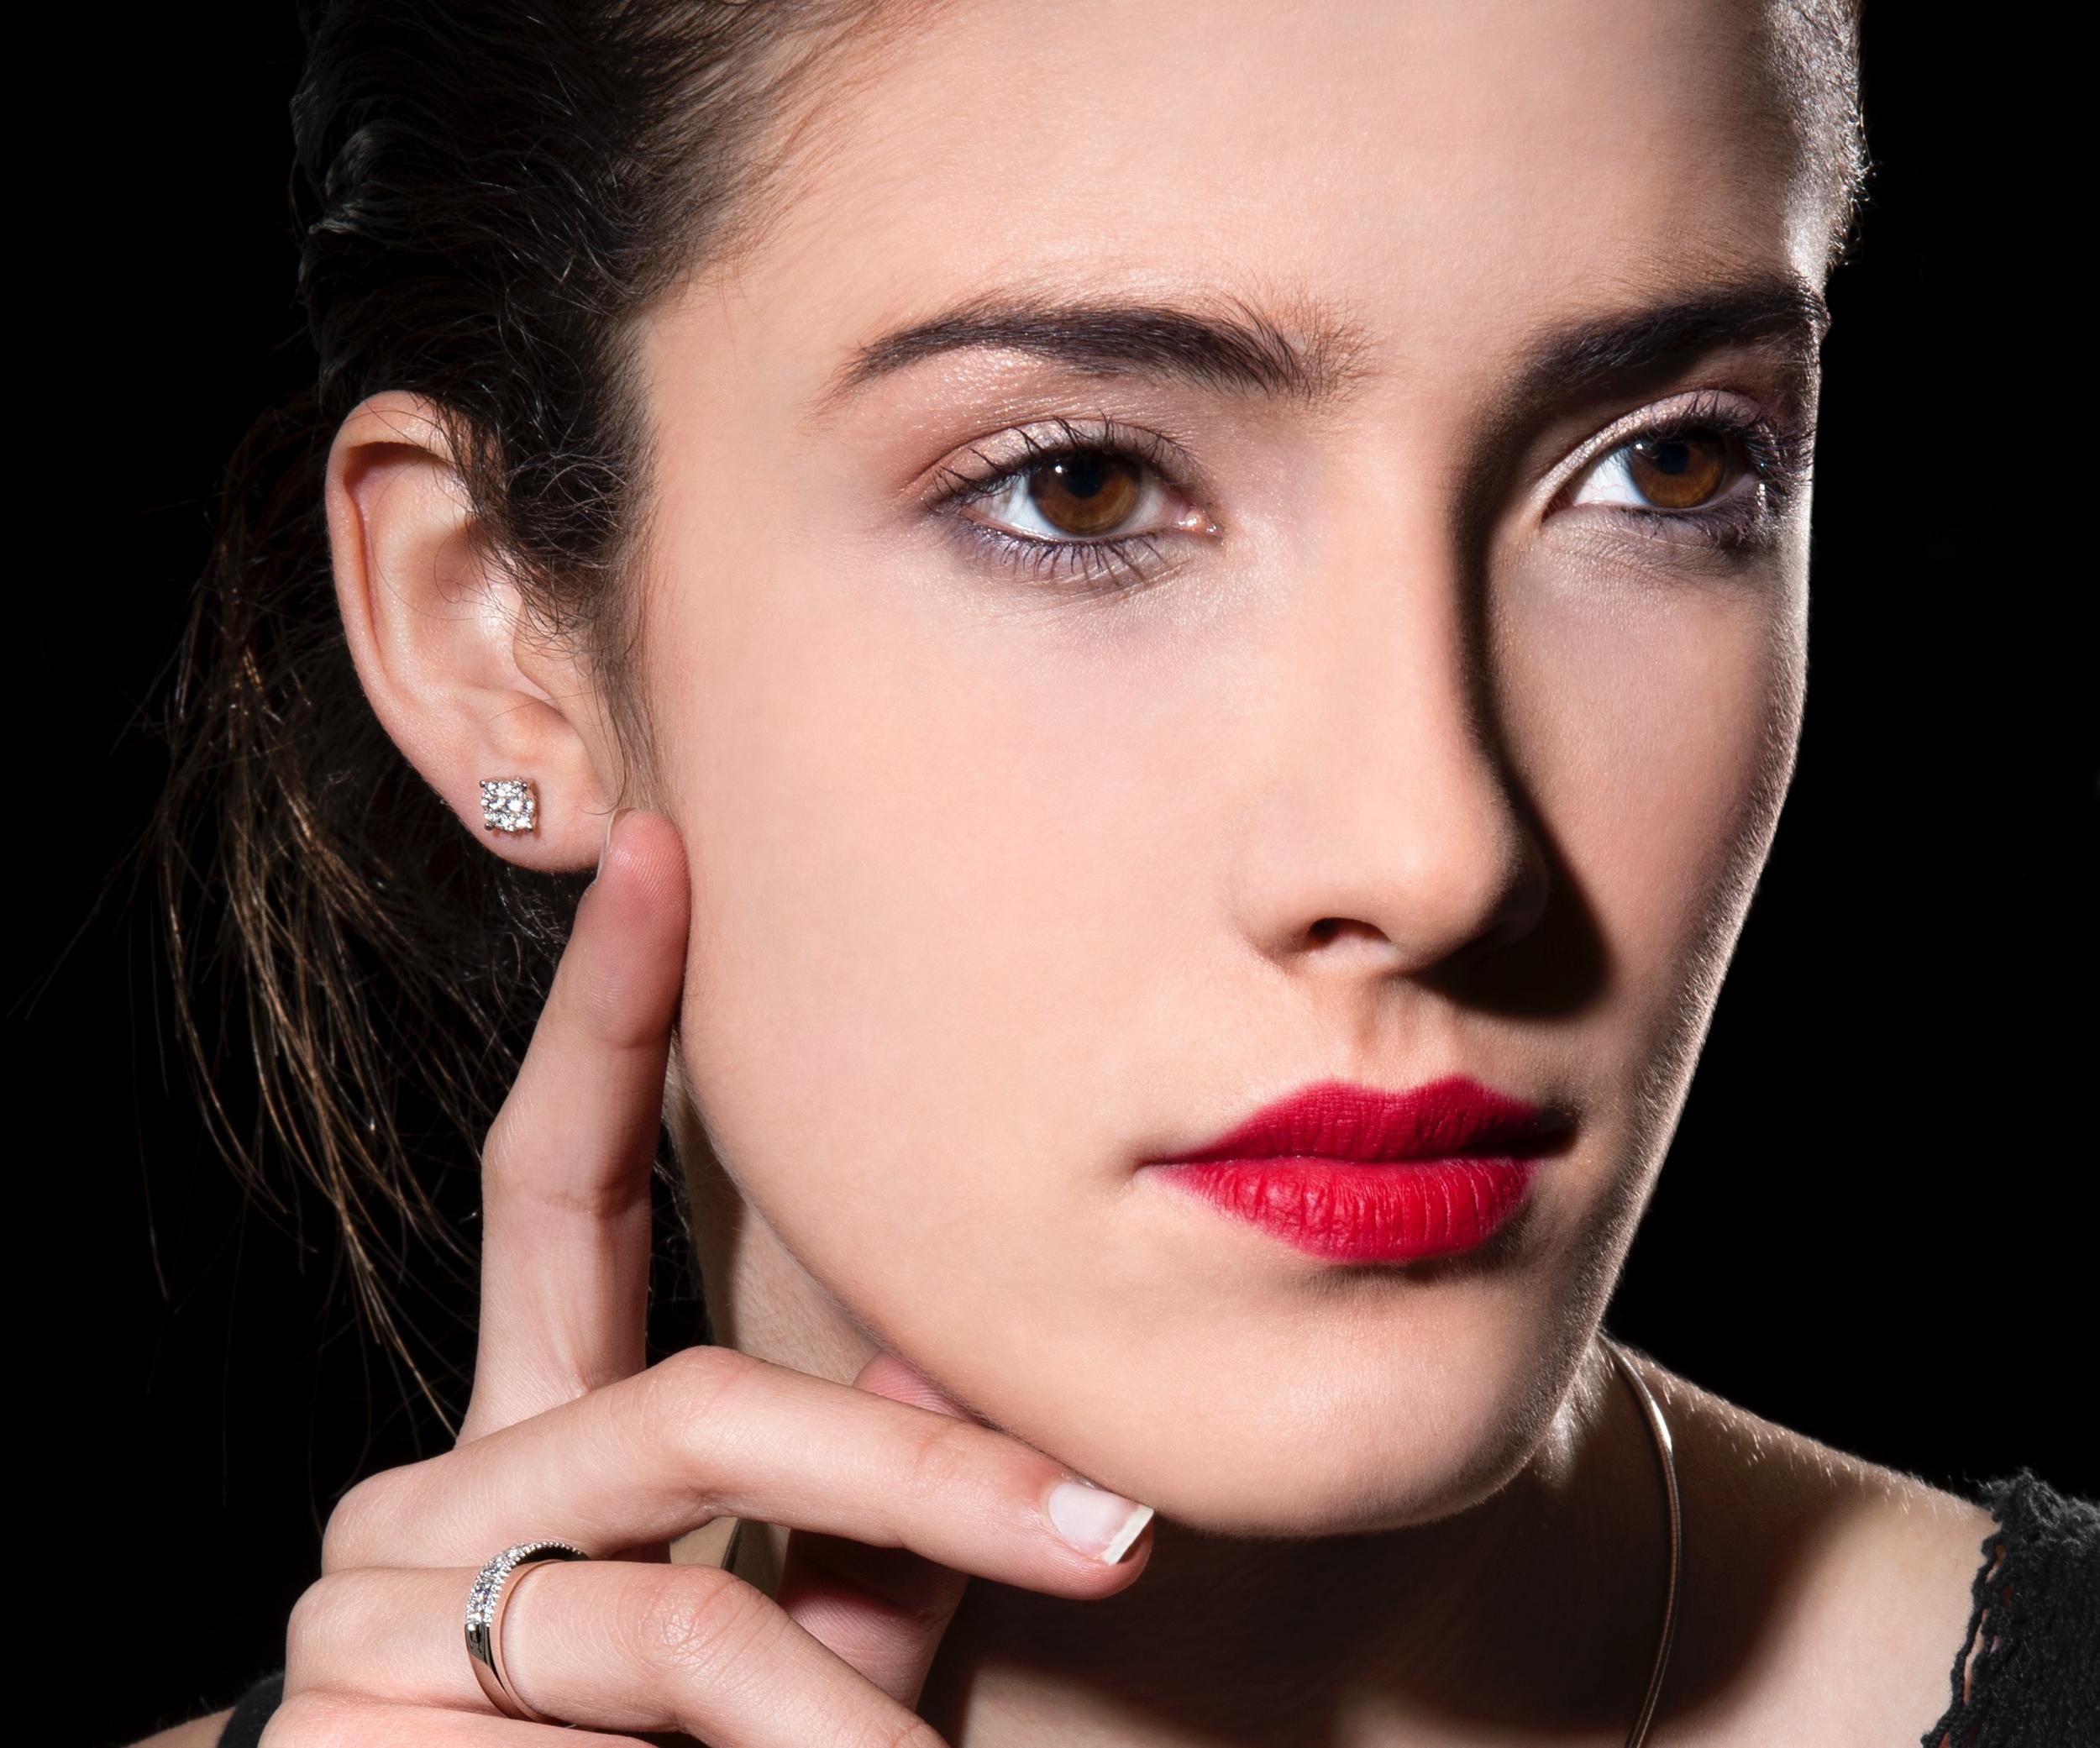 NataMakeUp - maquillage - beauté - visage